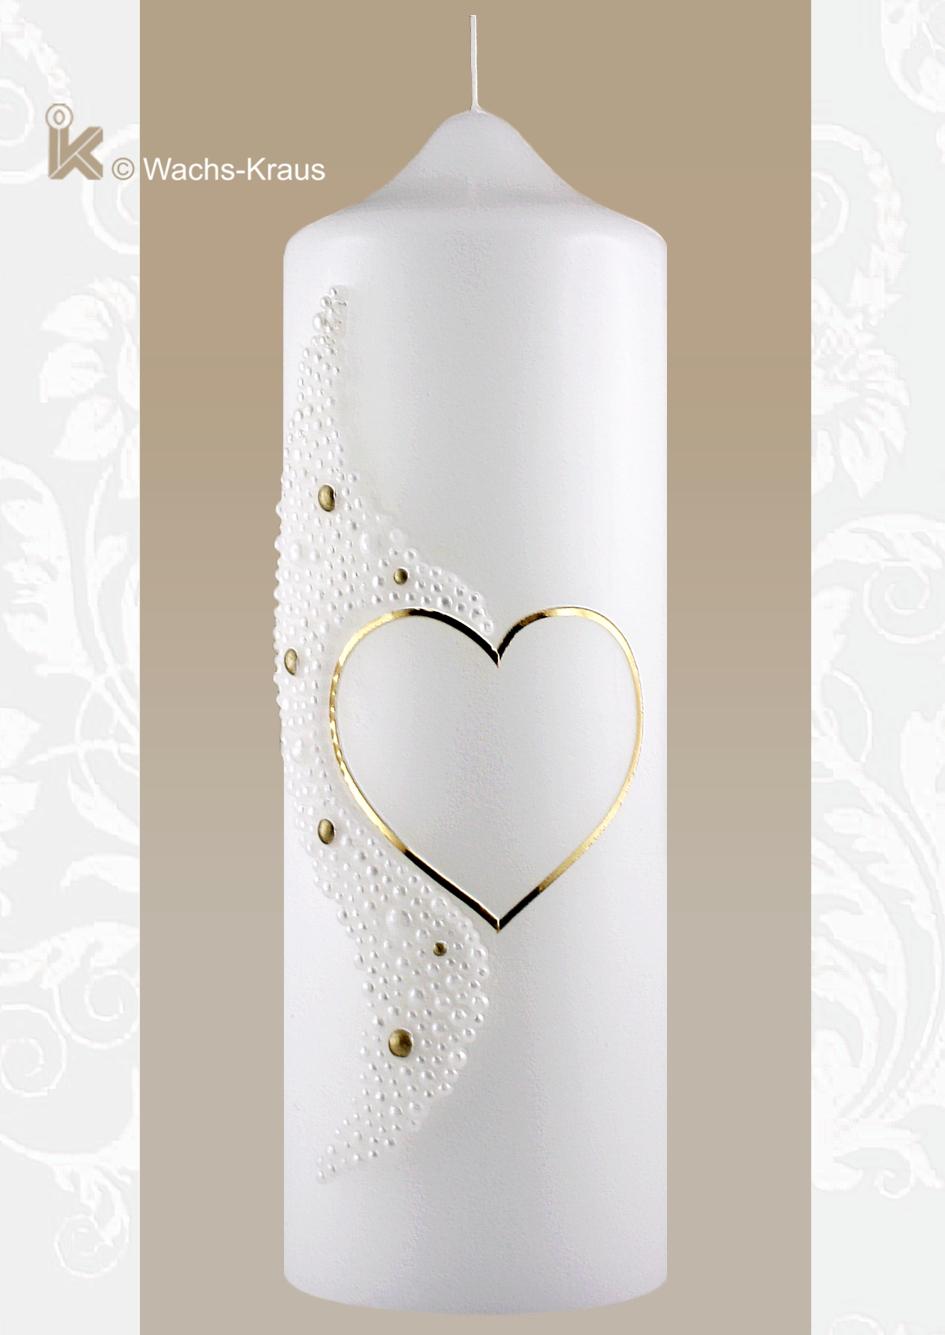 Die halbe Silhouette des Herzens ist mit einem zarten Goldwachsstreifen begrenzt, die andere durch eine modellierte Wachsapplikation Motiv Perlen.